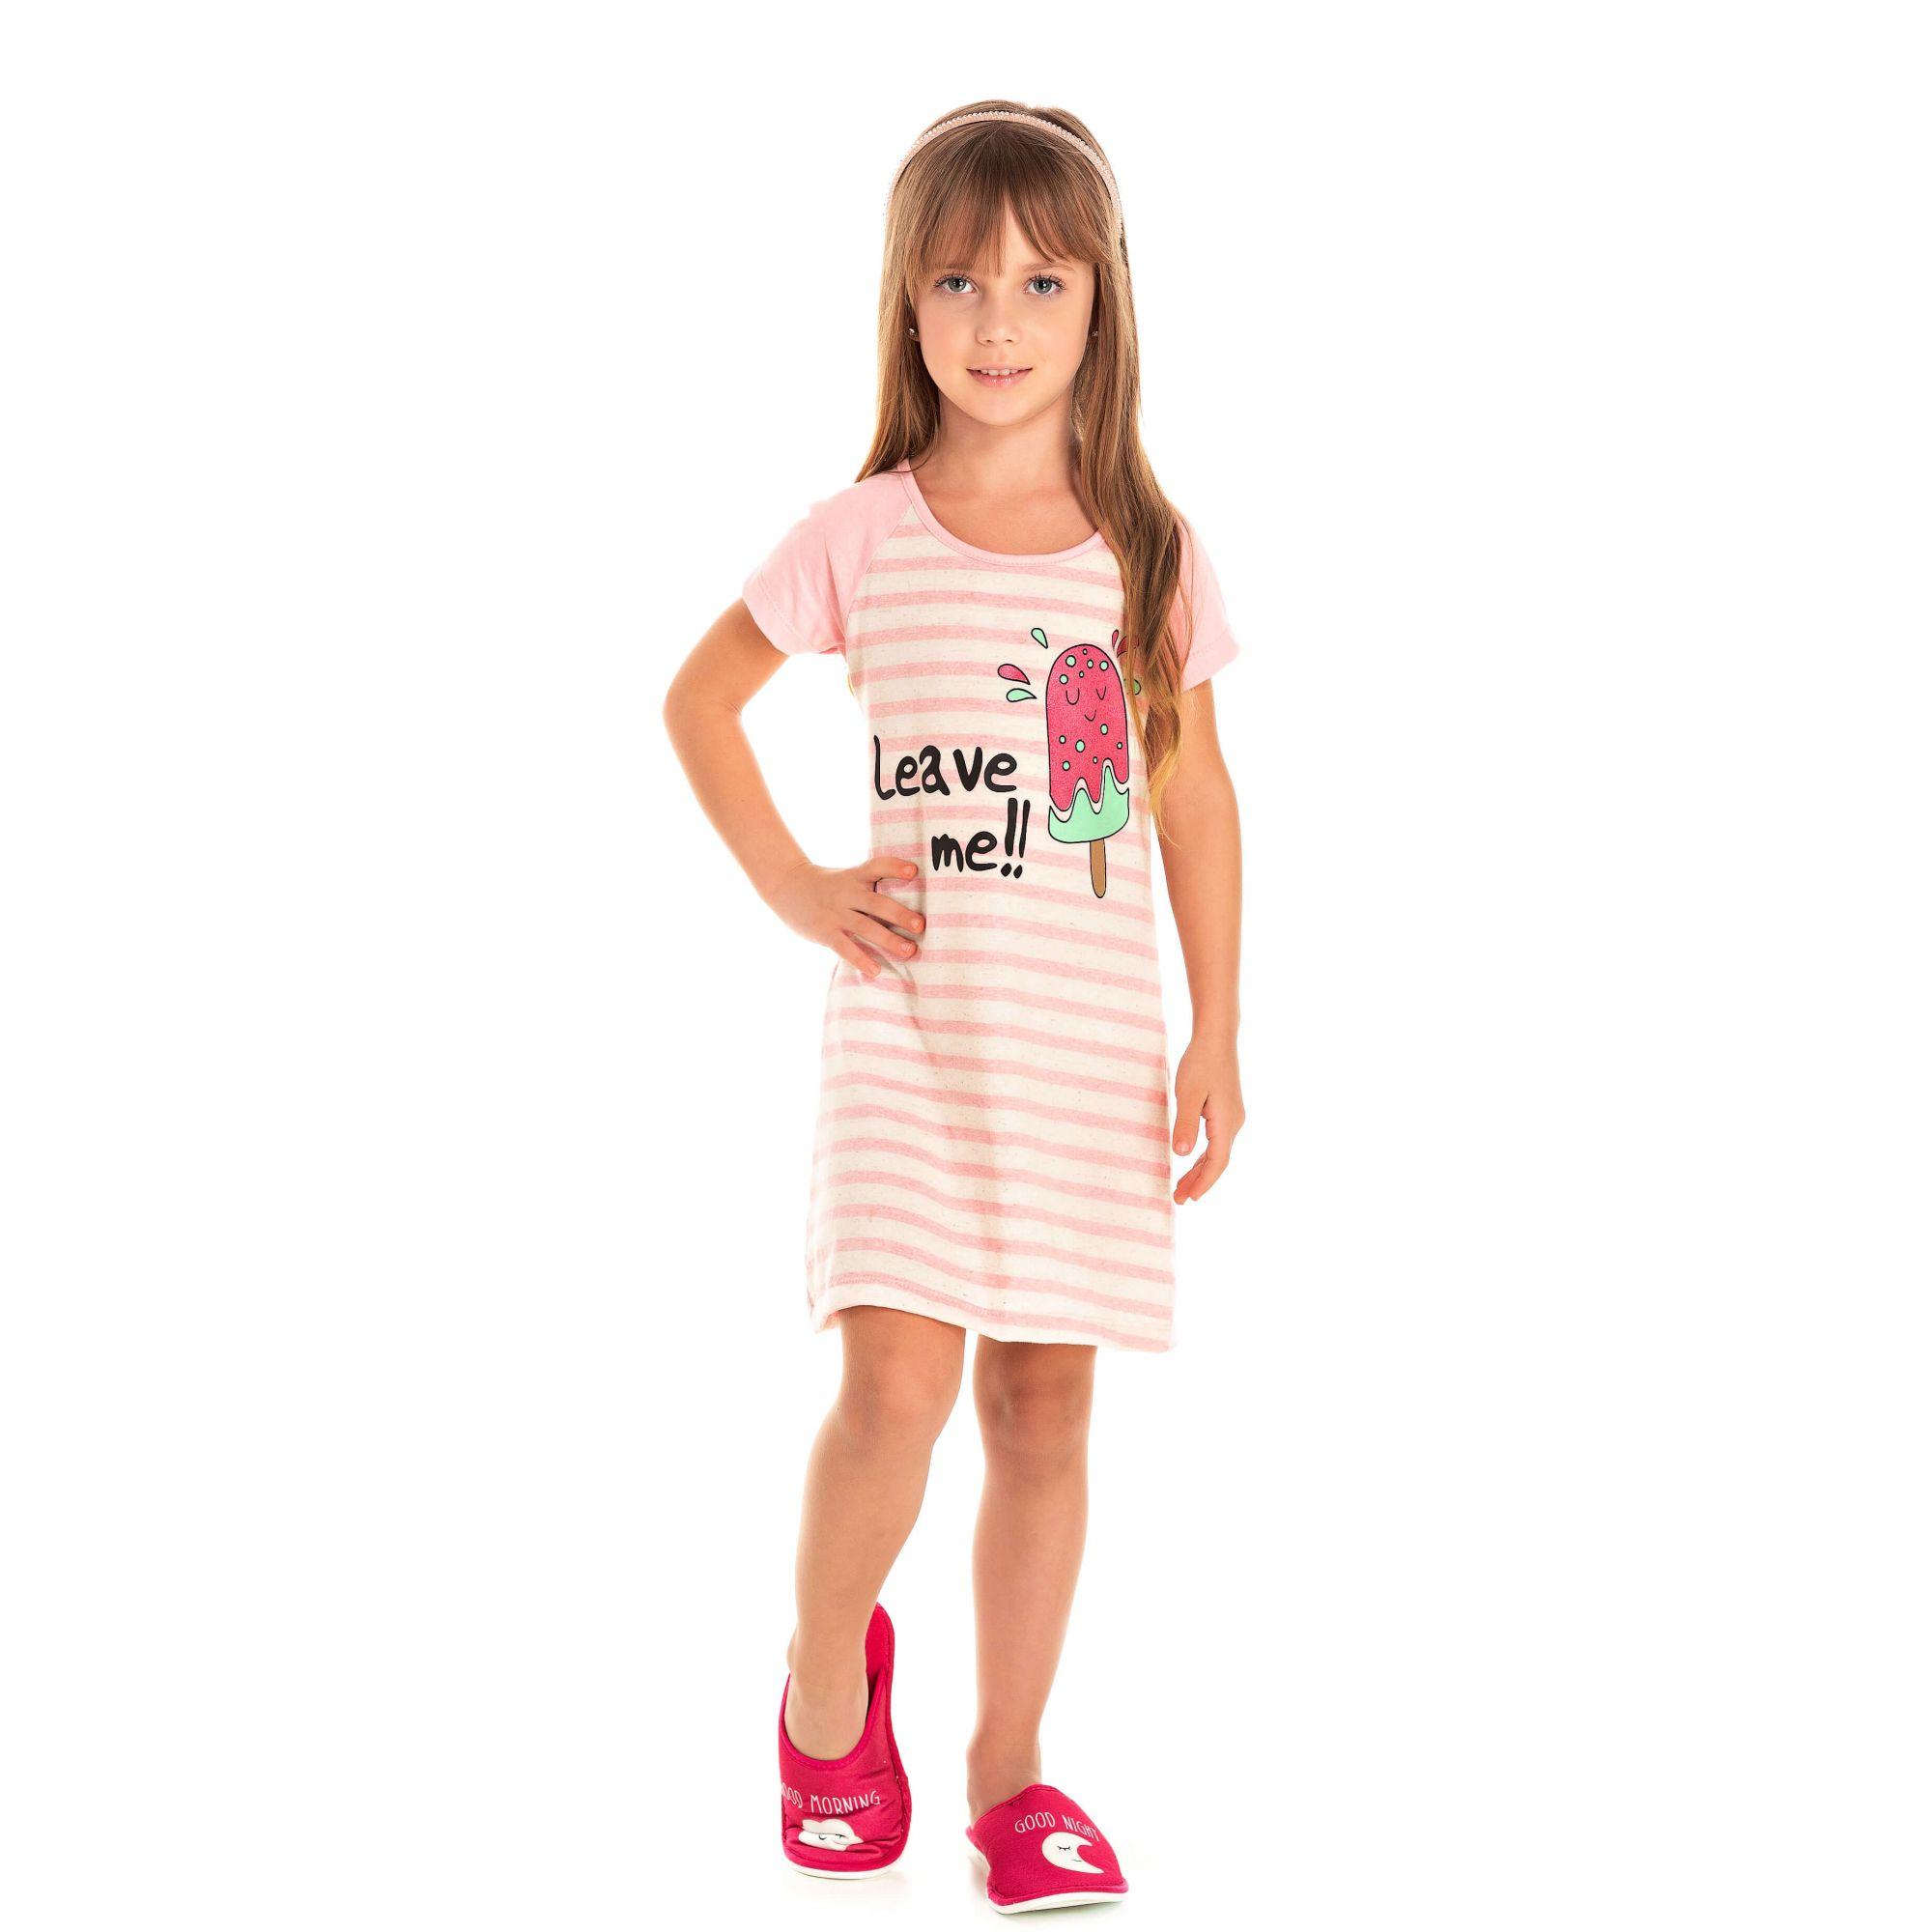 Camisola Infantil Feminino Picolé - Rosa